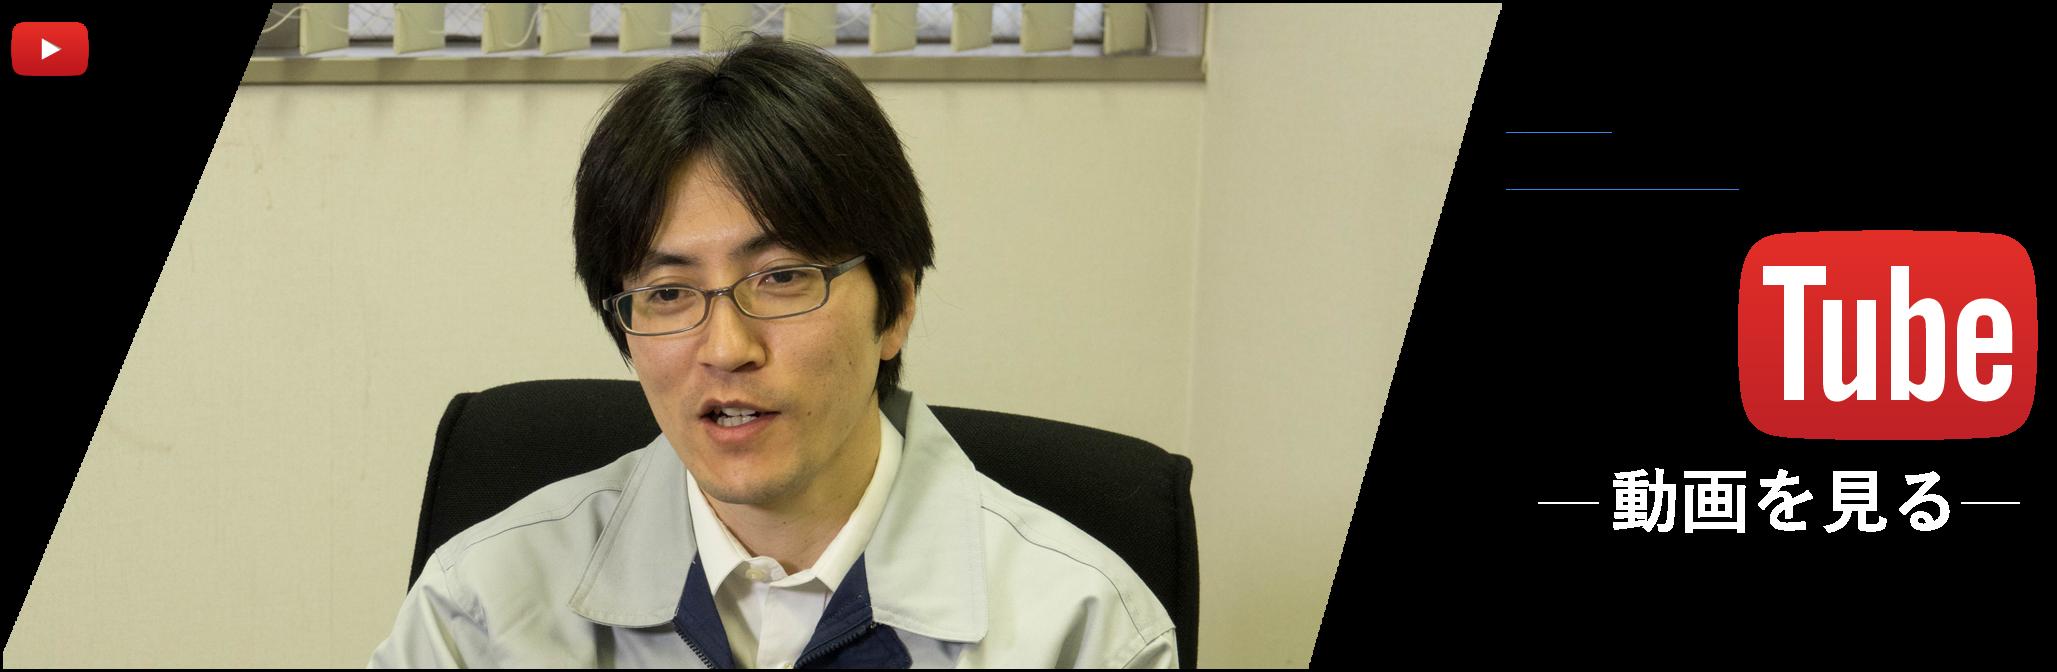 新井 千浩 42歳    次世代の高速通信システムの開発